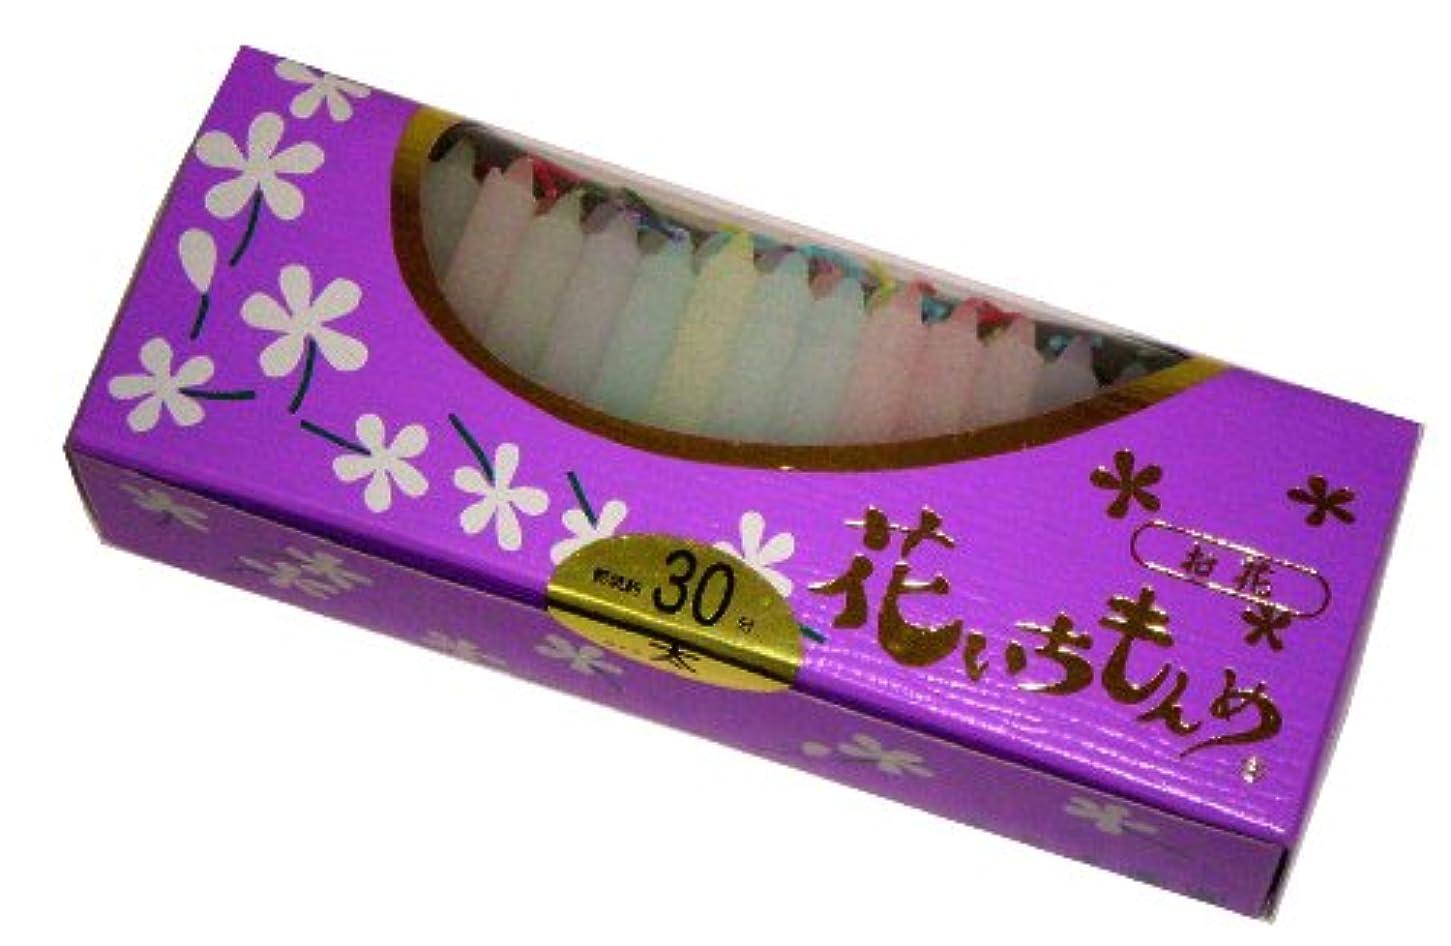 集まる挨拶する眠る佐藤油脂のローソク 花いちもんめ カラー 約100本 30分